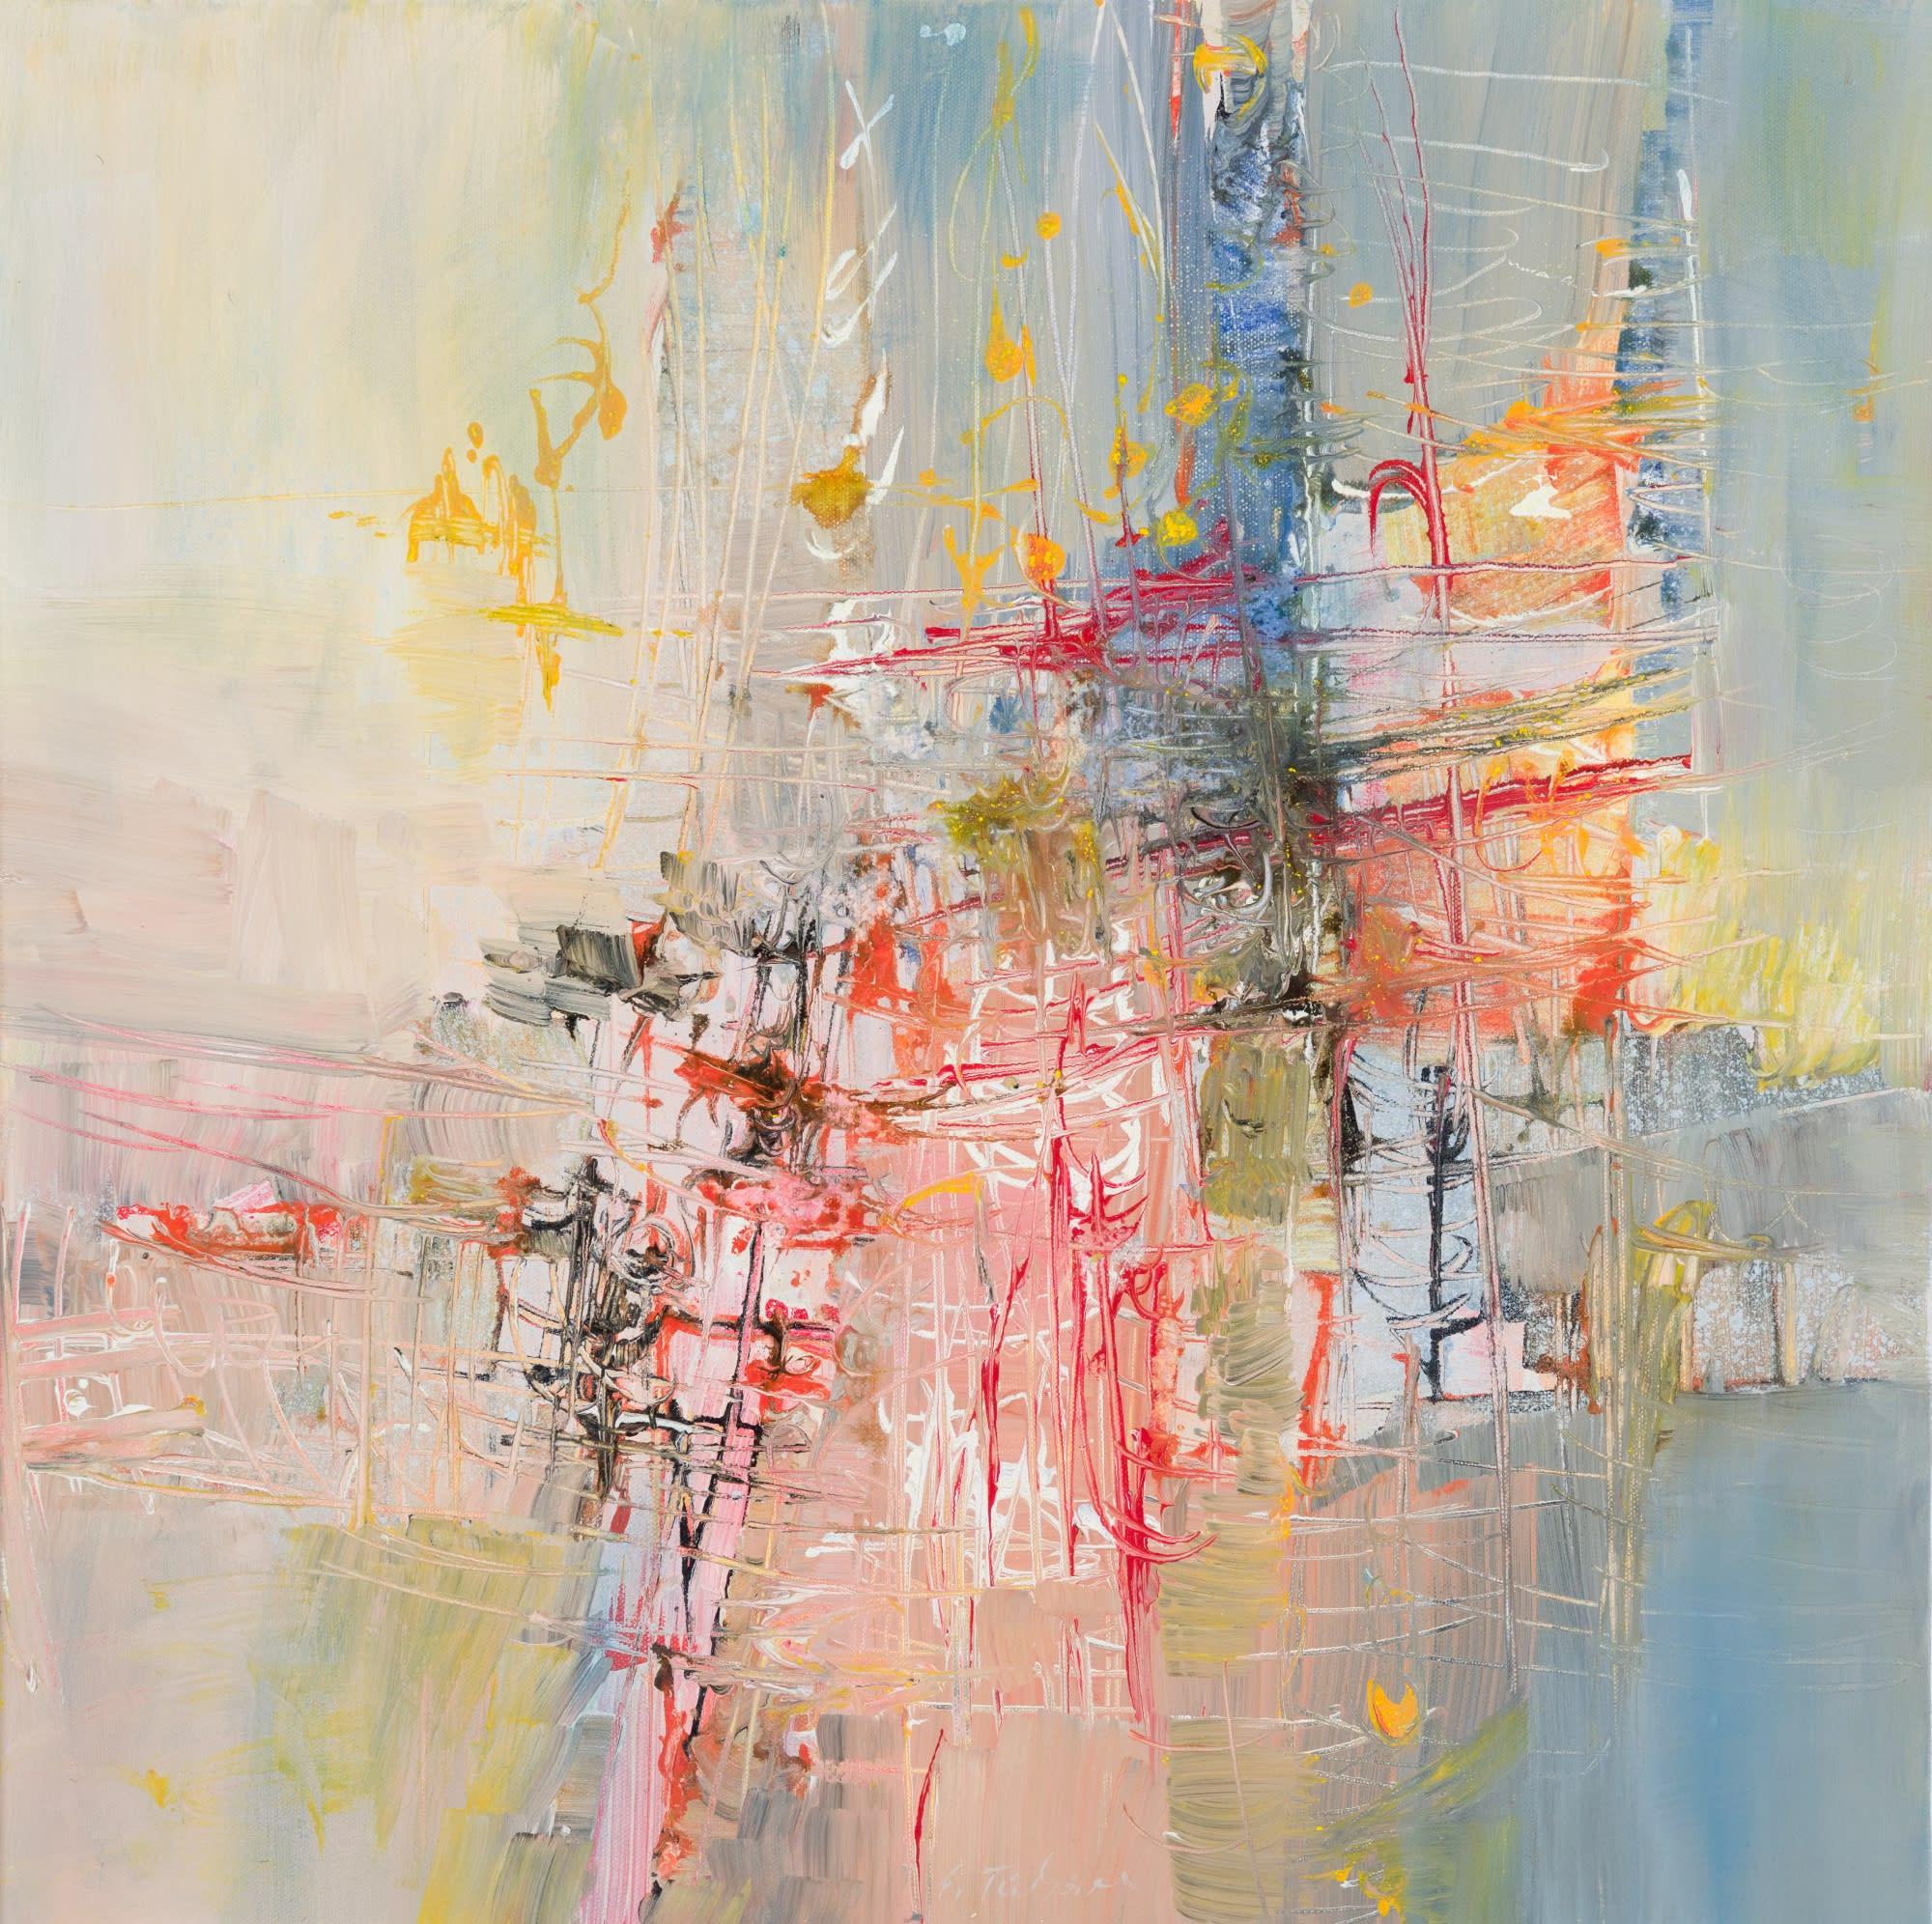 'R. Schumann, Fantasie Stucke No 6' by Ernestine Tahedl at Gallery 133